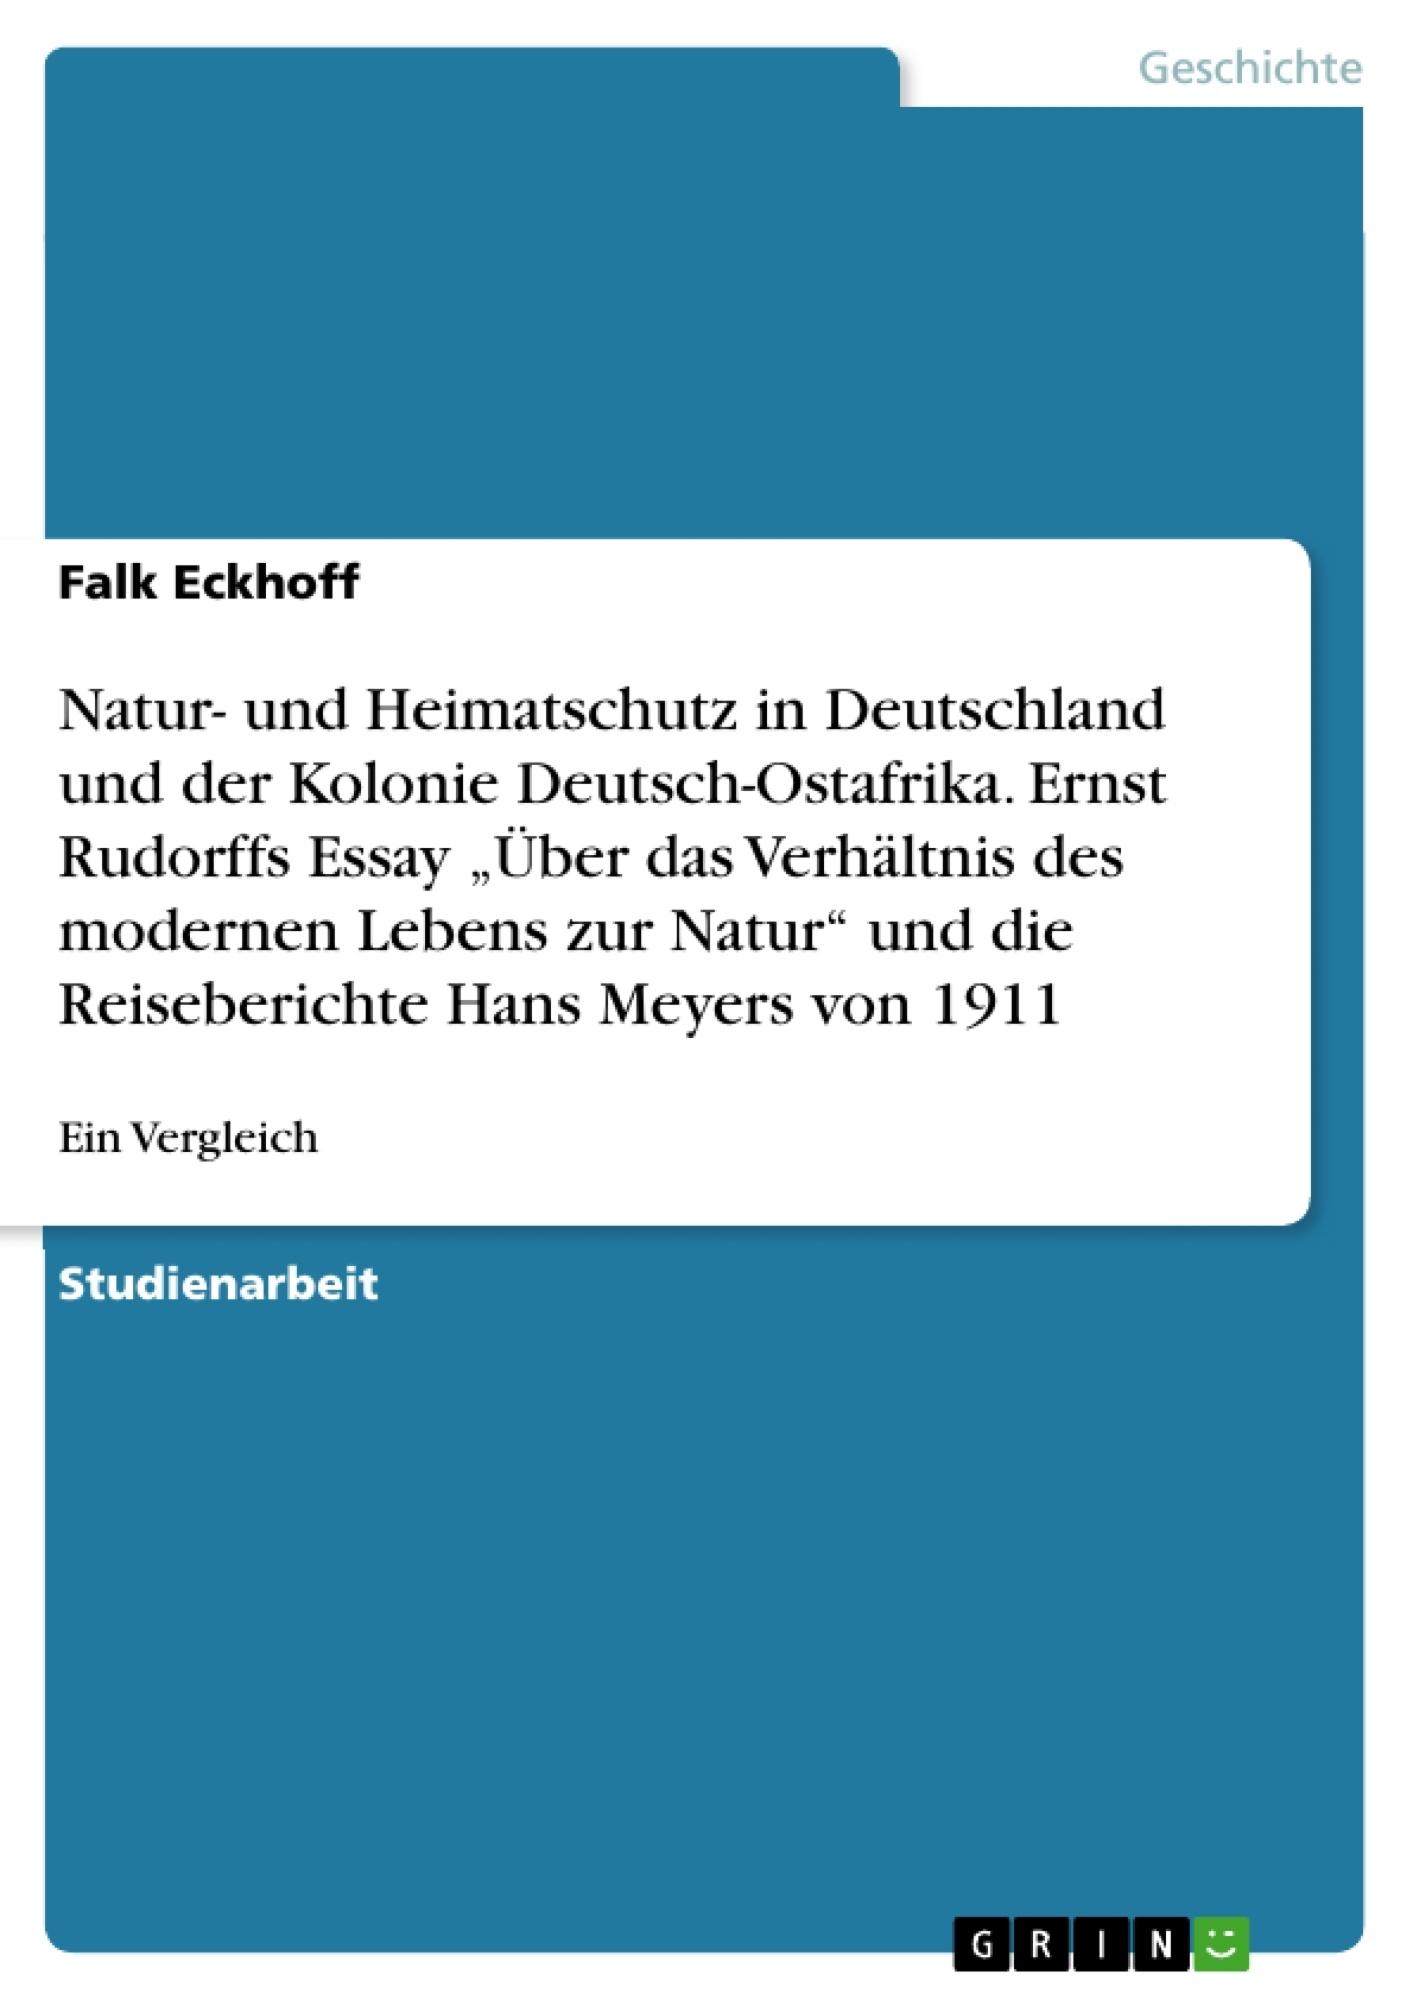 """Titel: Natur- und Heimatschutz in Deutschland und der Kolonie Deutsch-Ostafrika. Ernst Rudorffs Essay """"Über das Verhältnis des modernen Lebens zur Natur"""" und die Reiseberichte Hans Meyers von 1911"""